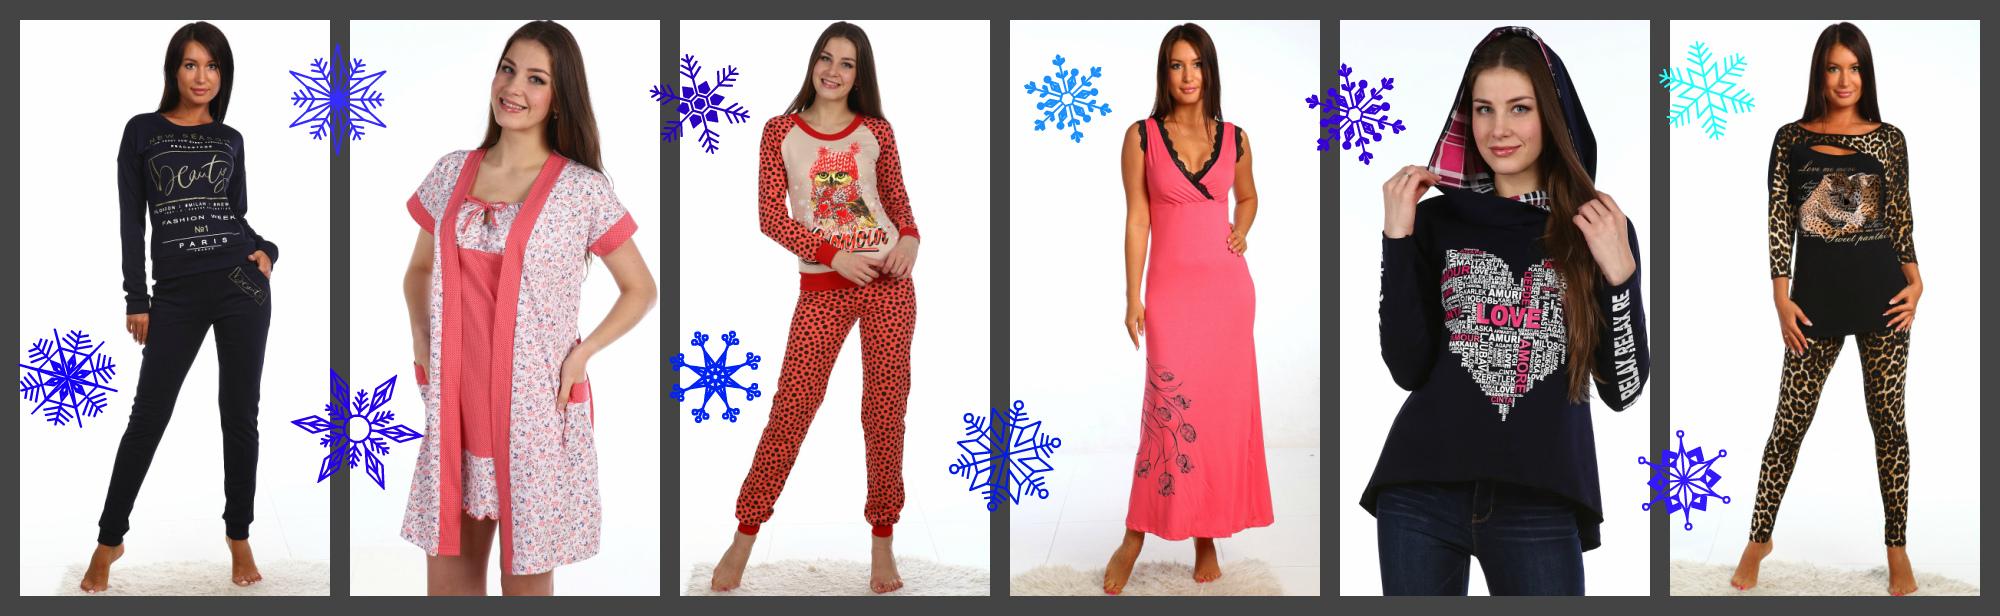 Начинаем Новогодние выкупы! НАТАЛИ - Женский трикотаж, халаты, домашние костюмы,мужской и детский трикотаж. Размеры до 70 р. Раздачи в ЦР-26